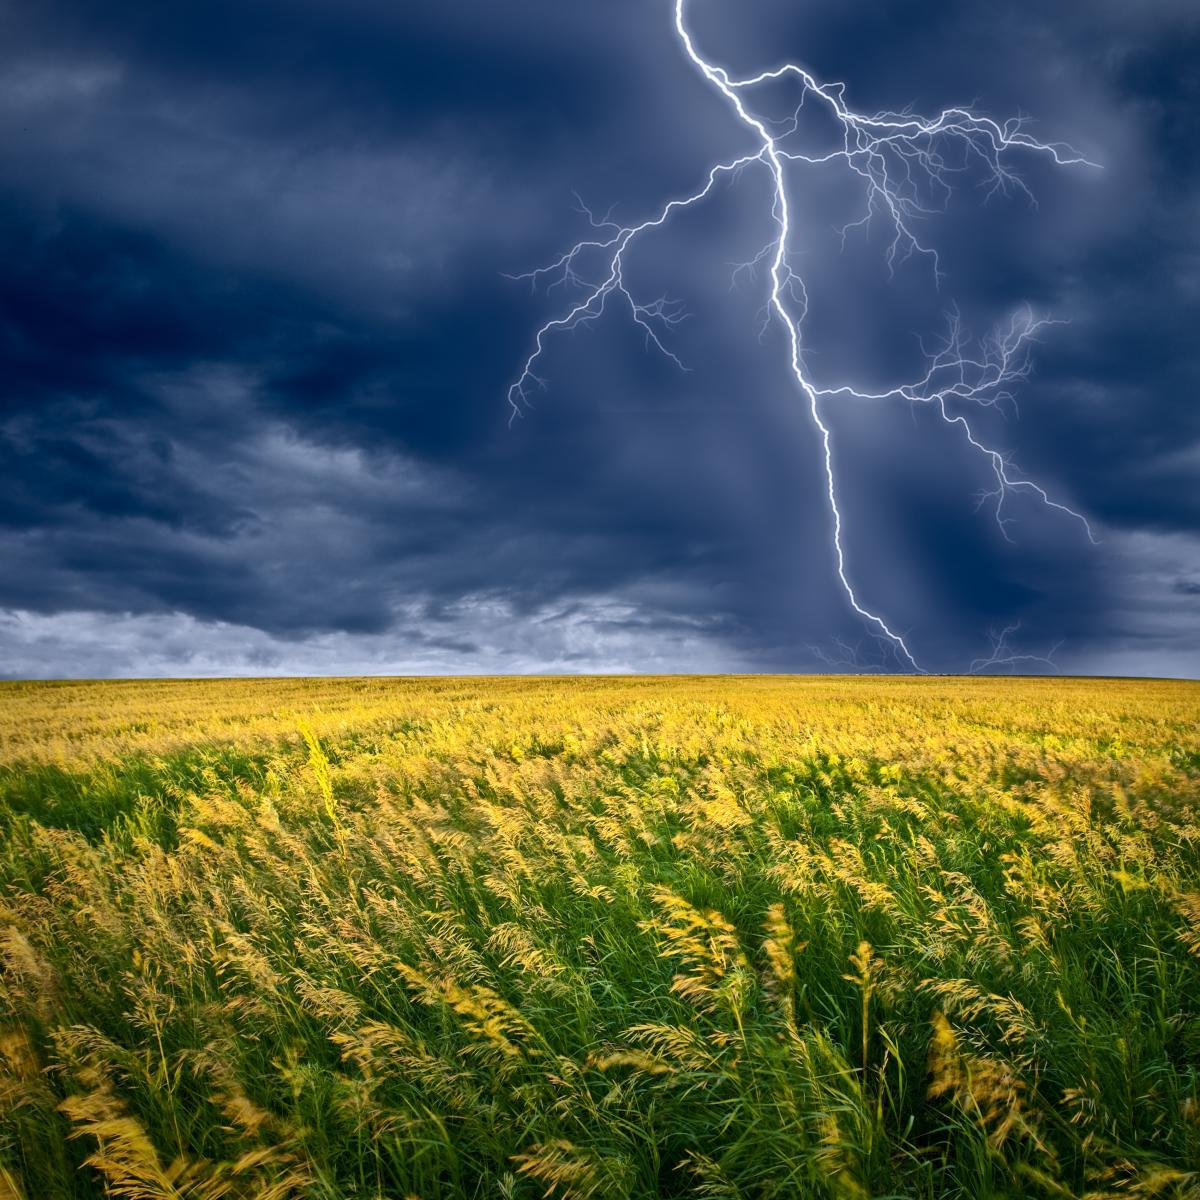 На завтра в Украине объявили штормовое предупреждение / фото ua.depositphotos.com